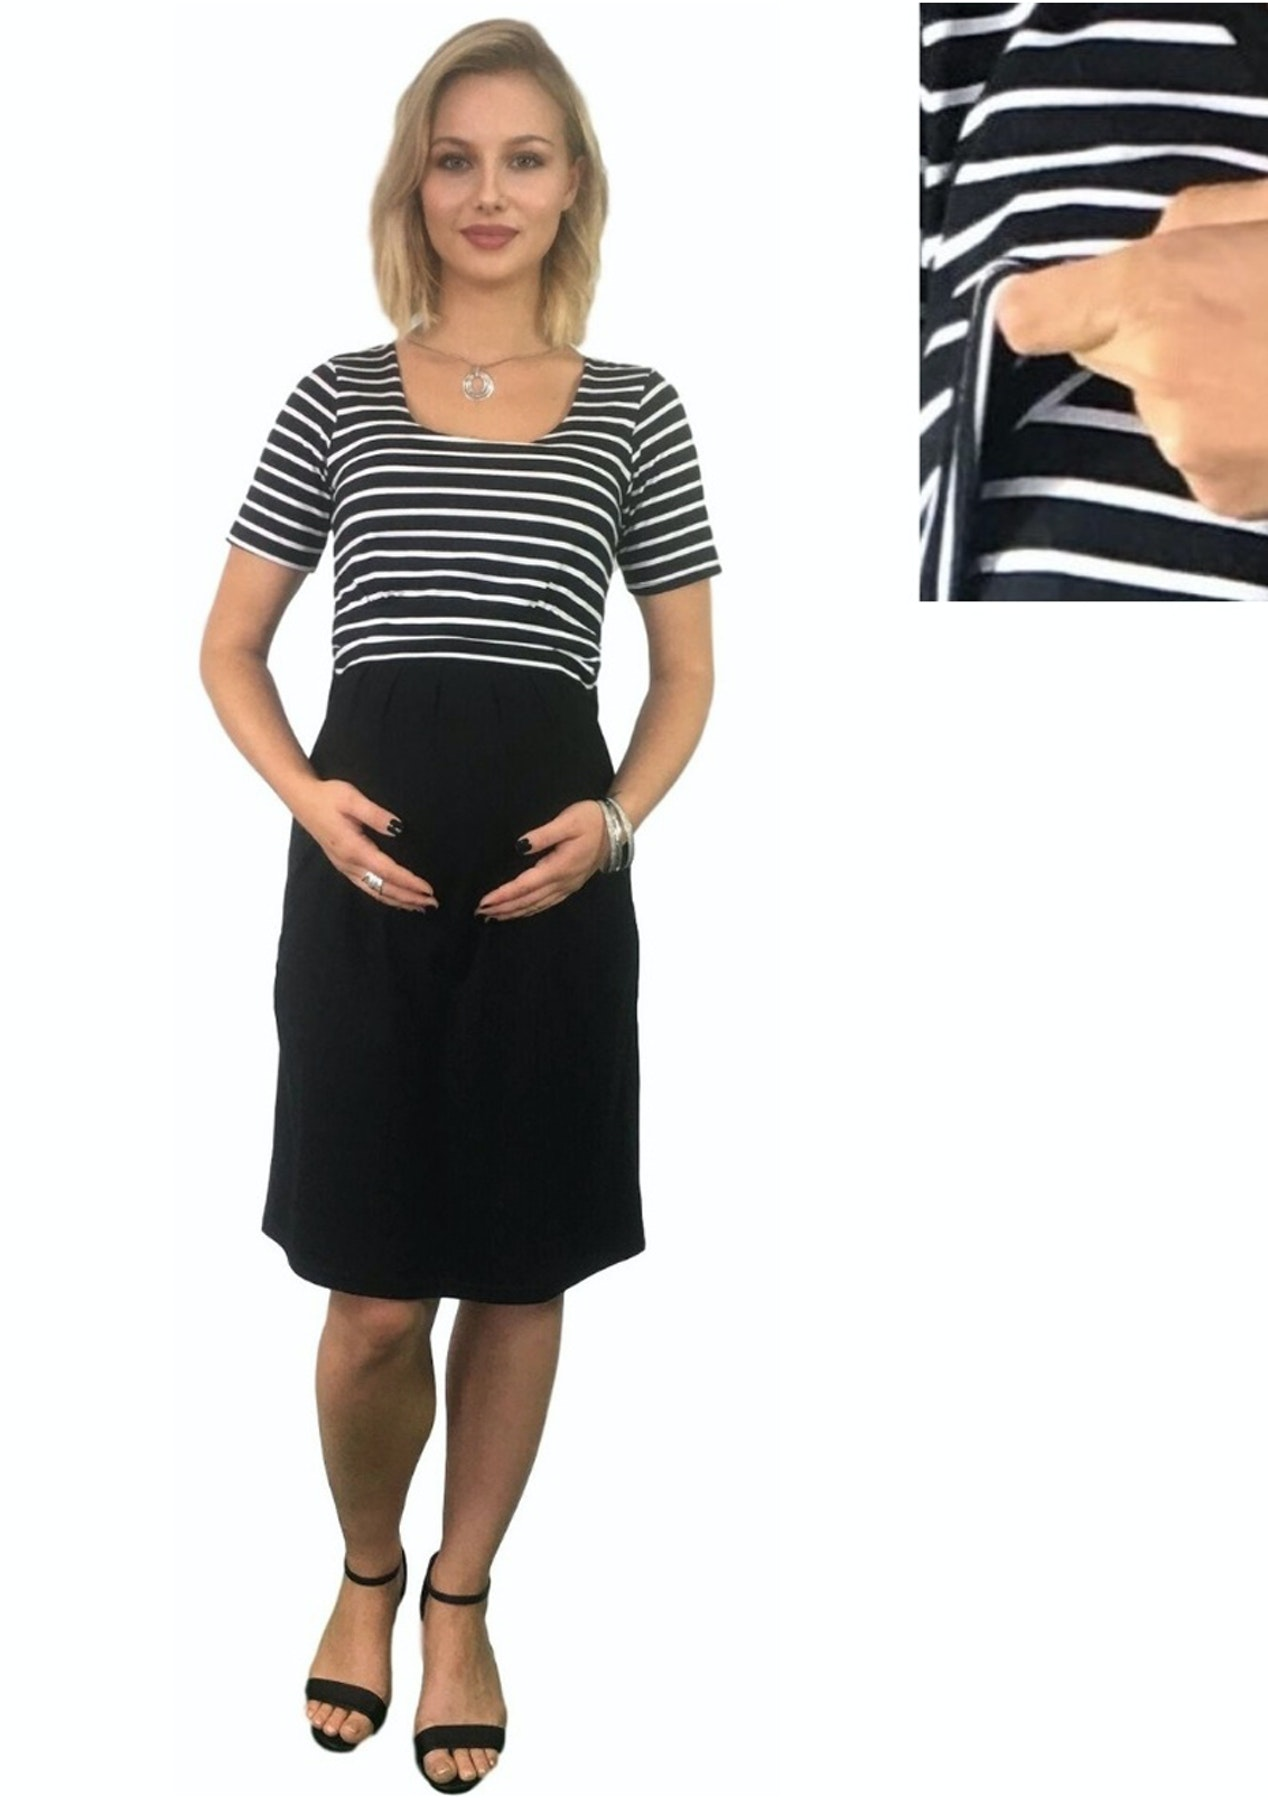 c84609e4c6482 Maternity Clothes Online - Summer Cotton Maternity & Nursing Dress -  Striped - Last ones Left - Onceit